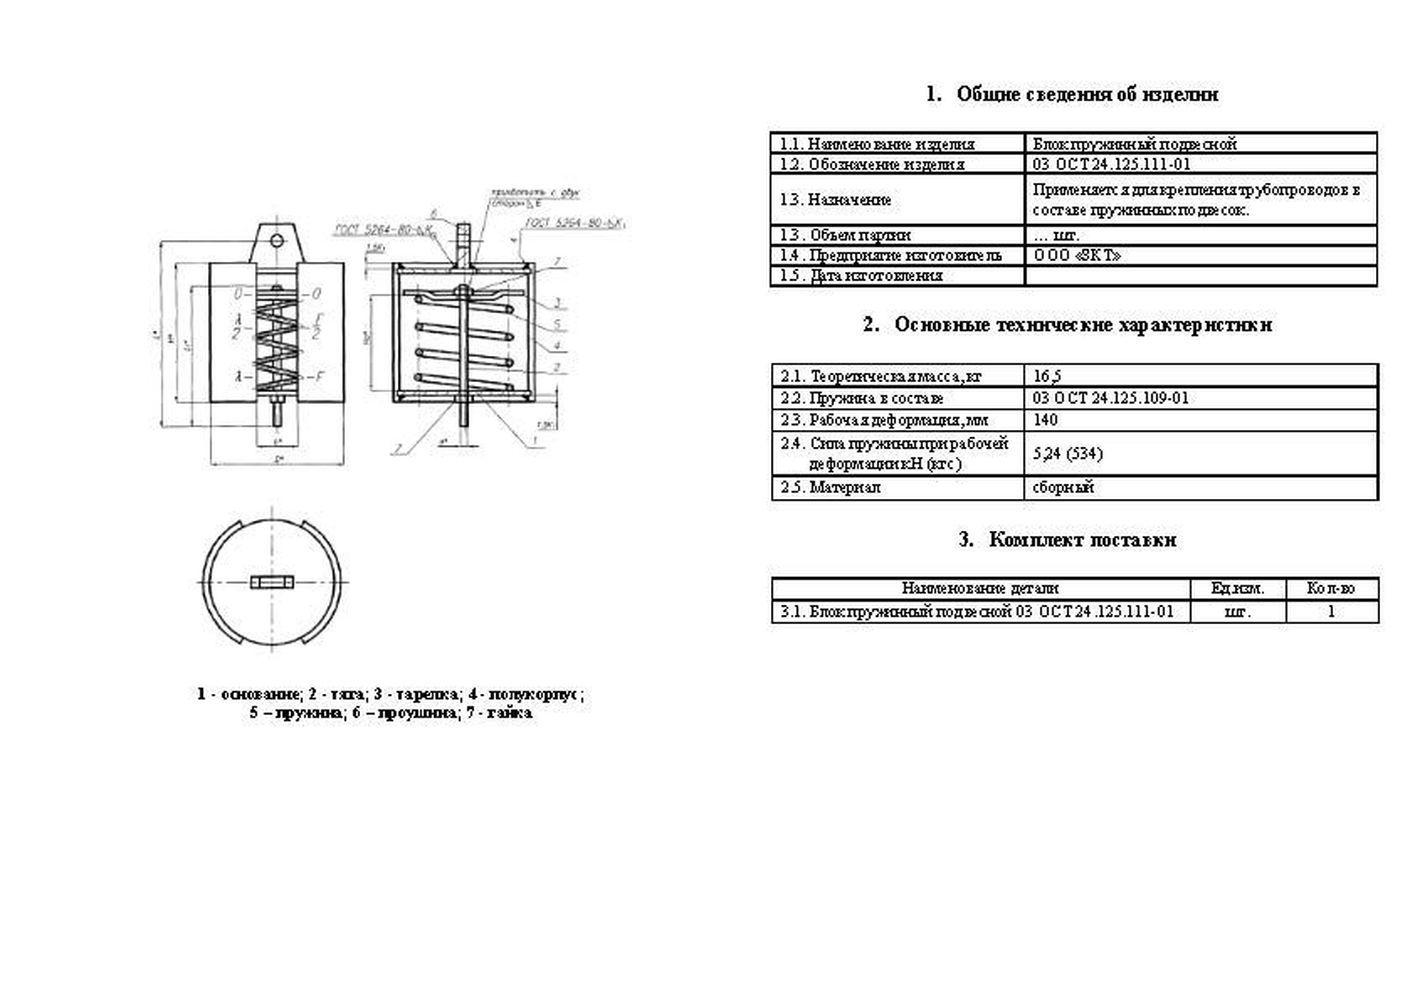 Паспорт Блок пружинный подвесной 03 ОСТ 24.125.111-01 стр.2